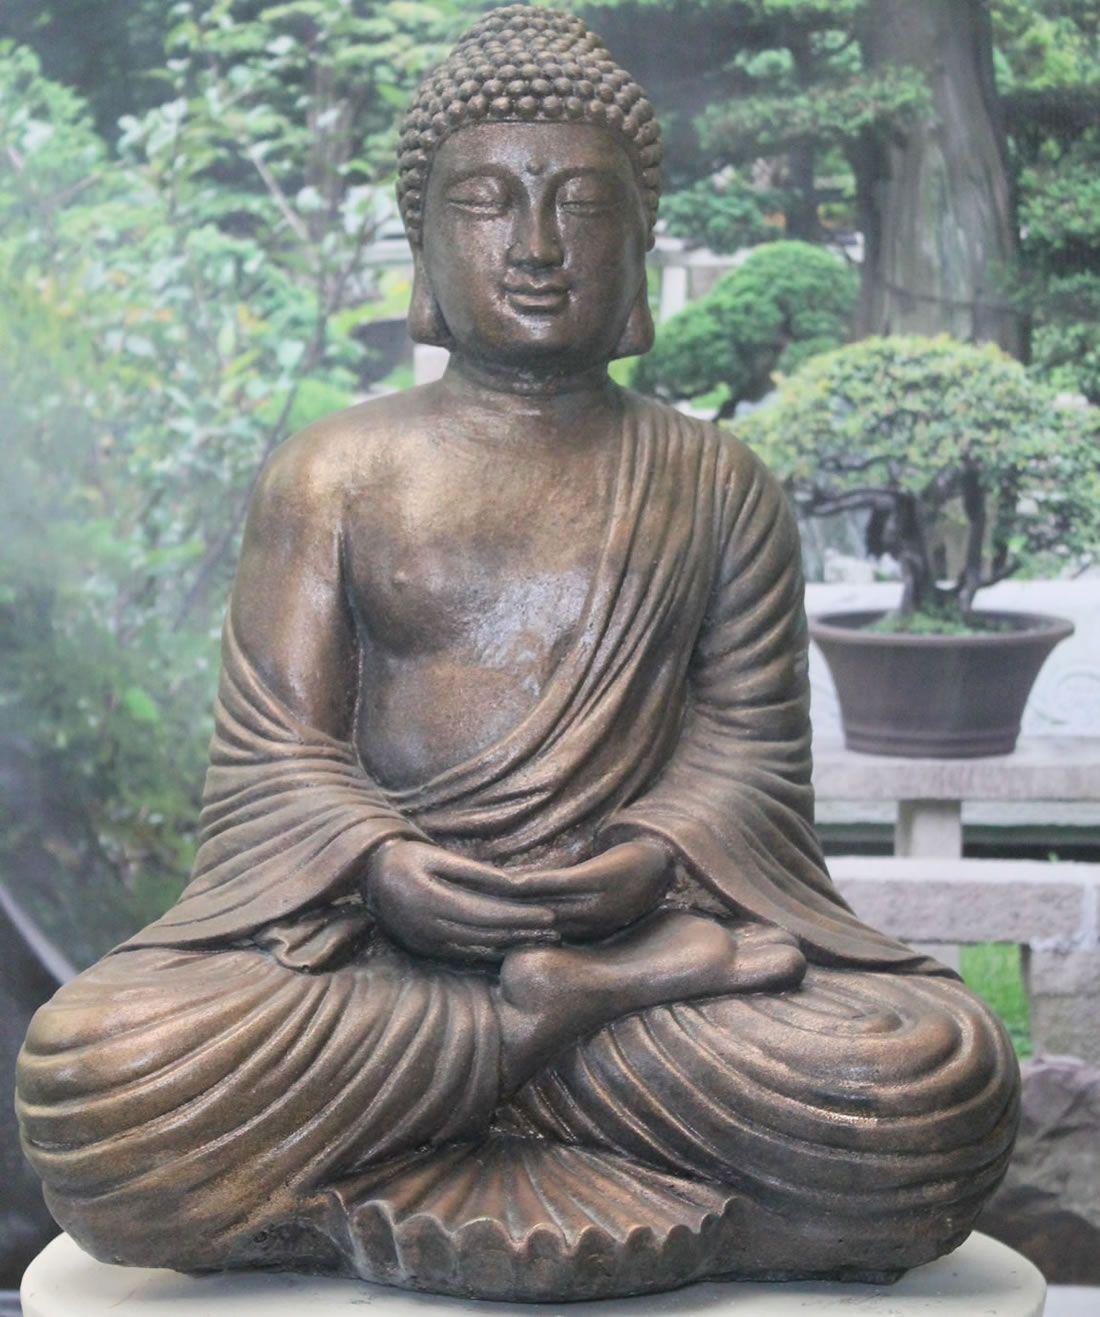 Garden Buddha Statues In Uk Geoffs Garden Ornaments Buddha Statue Garden Buddha Garden Buddha